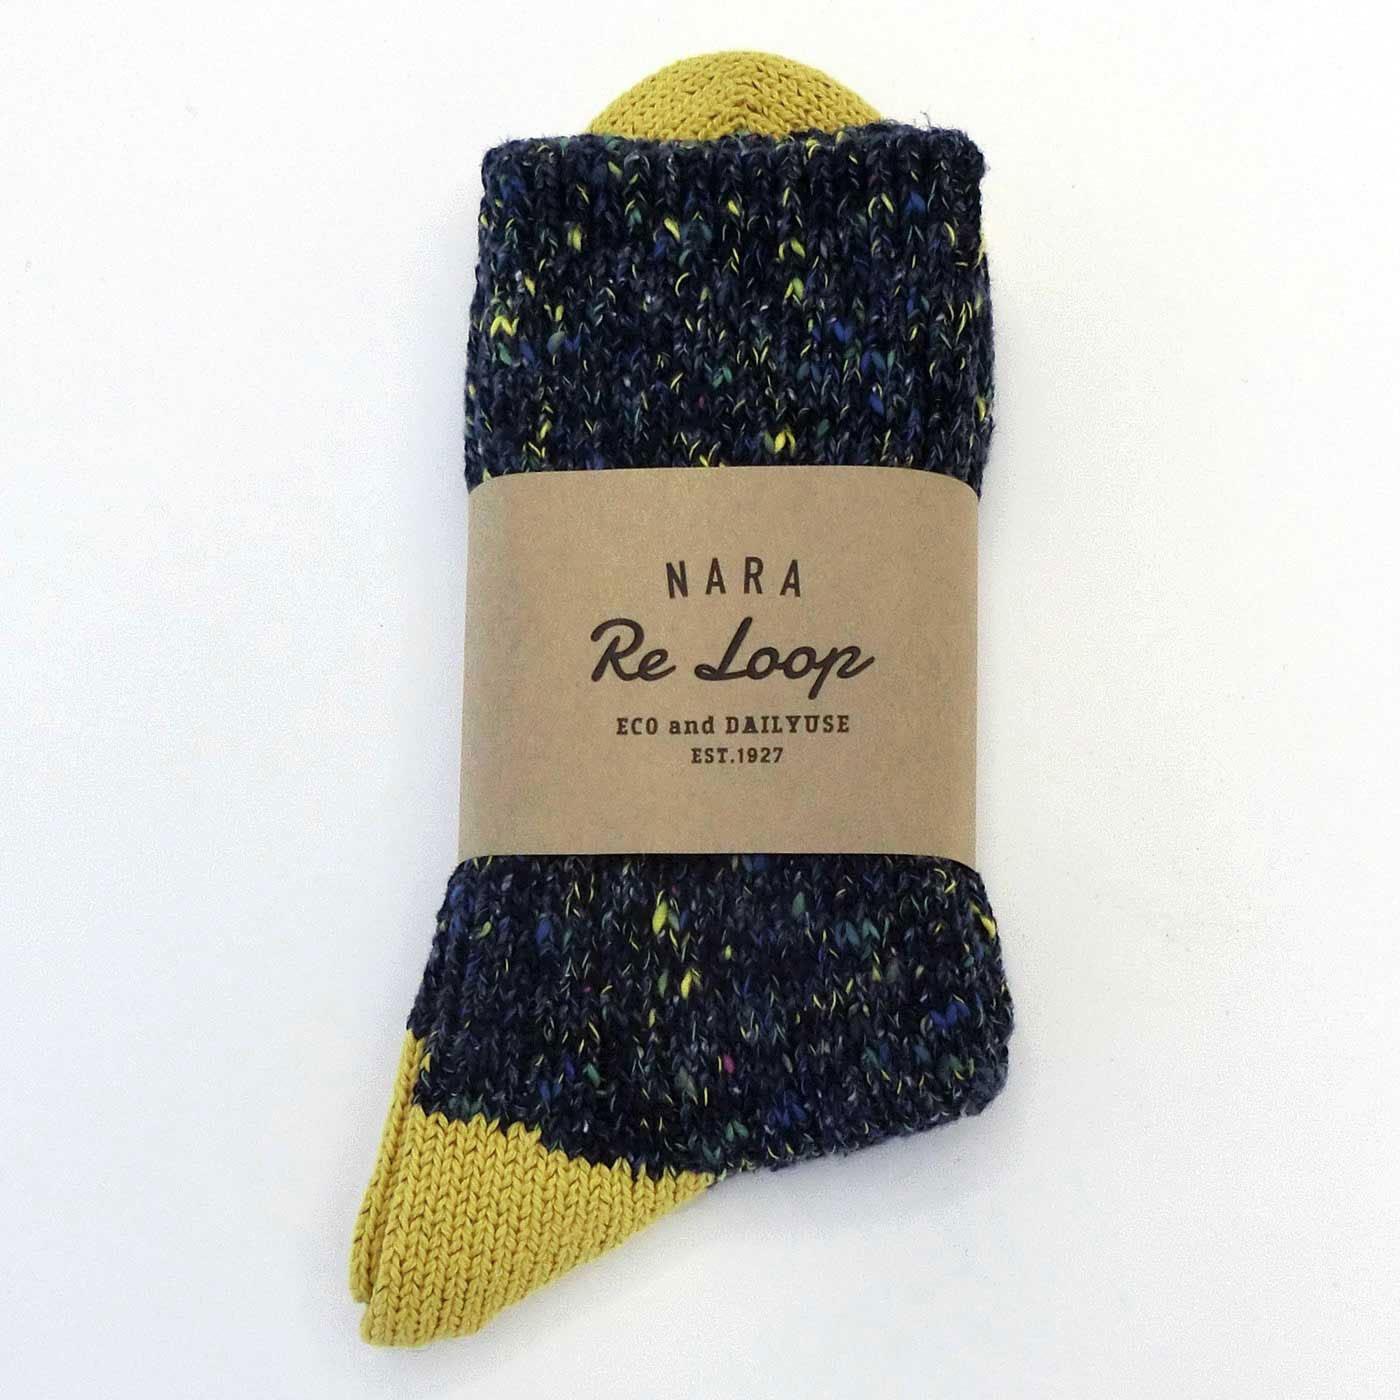 ミックス糸をふっくら編み上げた 表情豊かなウール混ソックス〈ネイビー〉